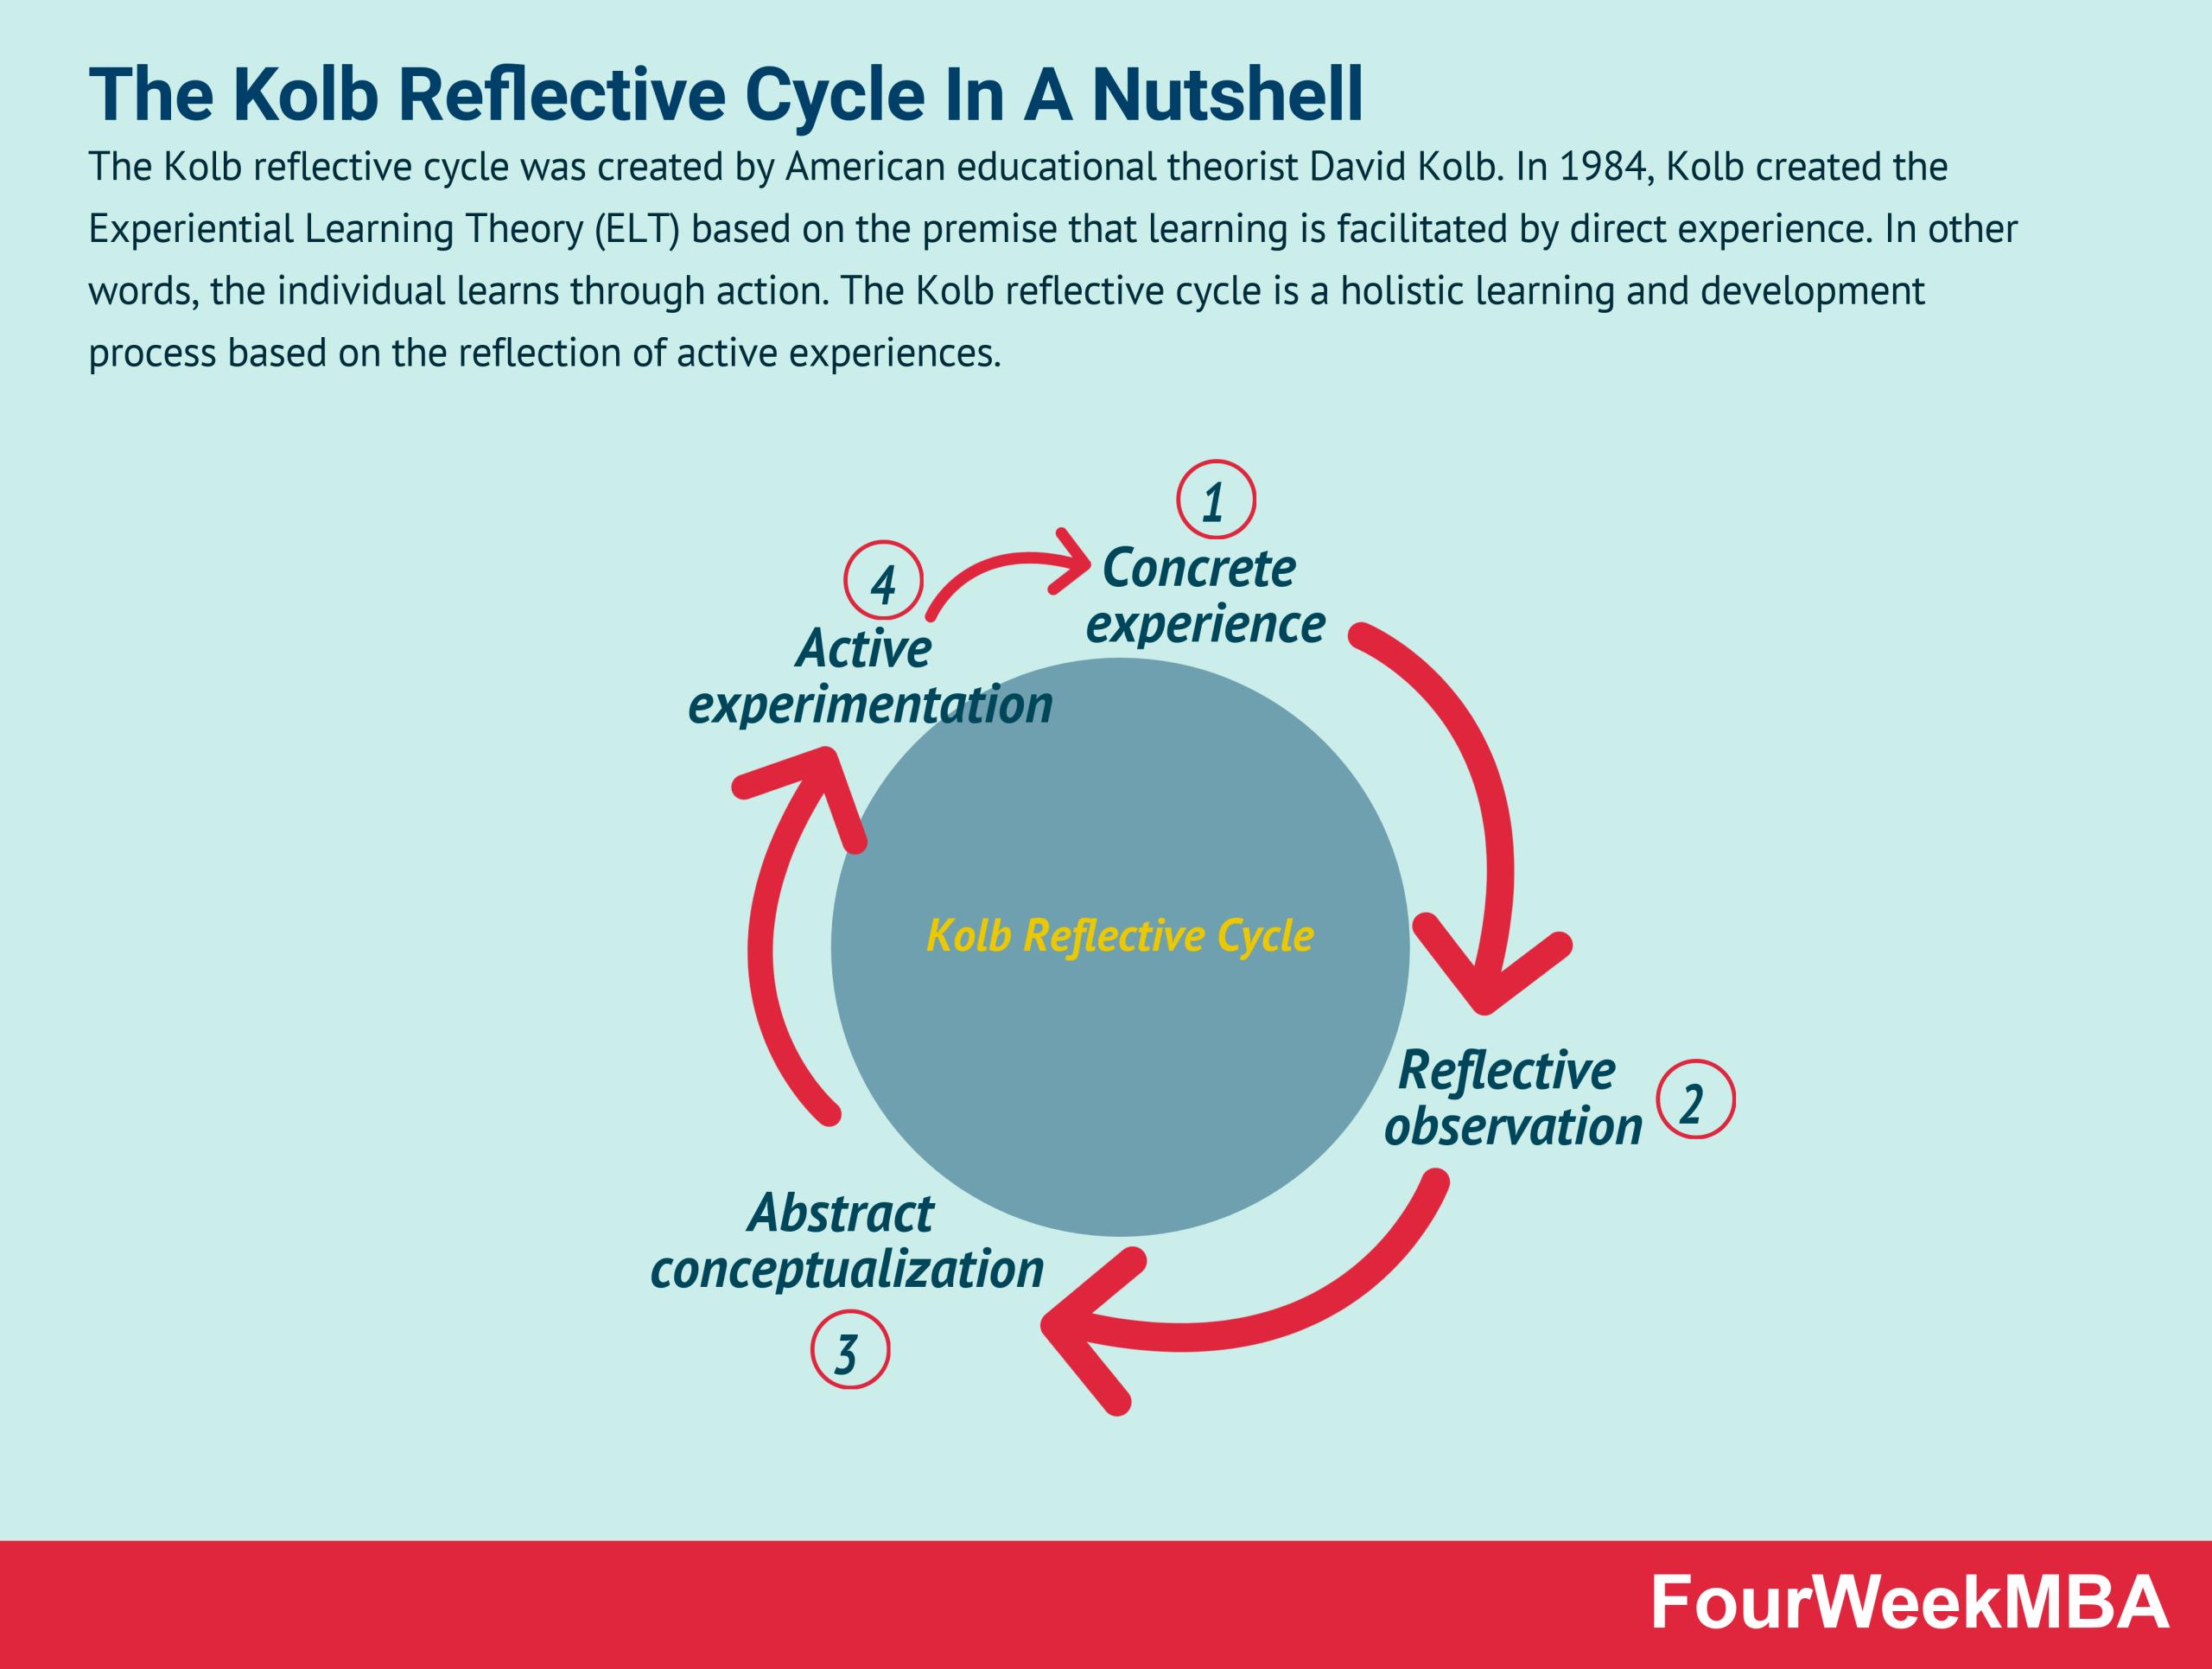 kolb-reflective-cycle